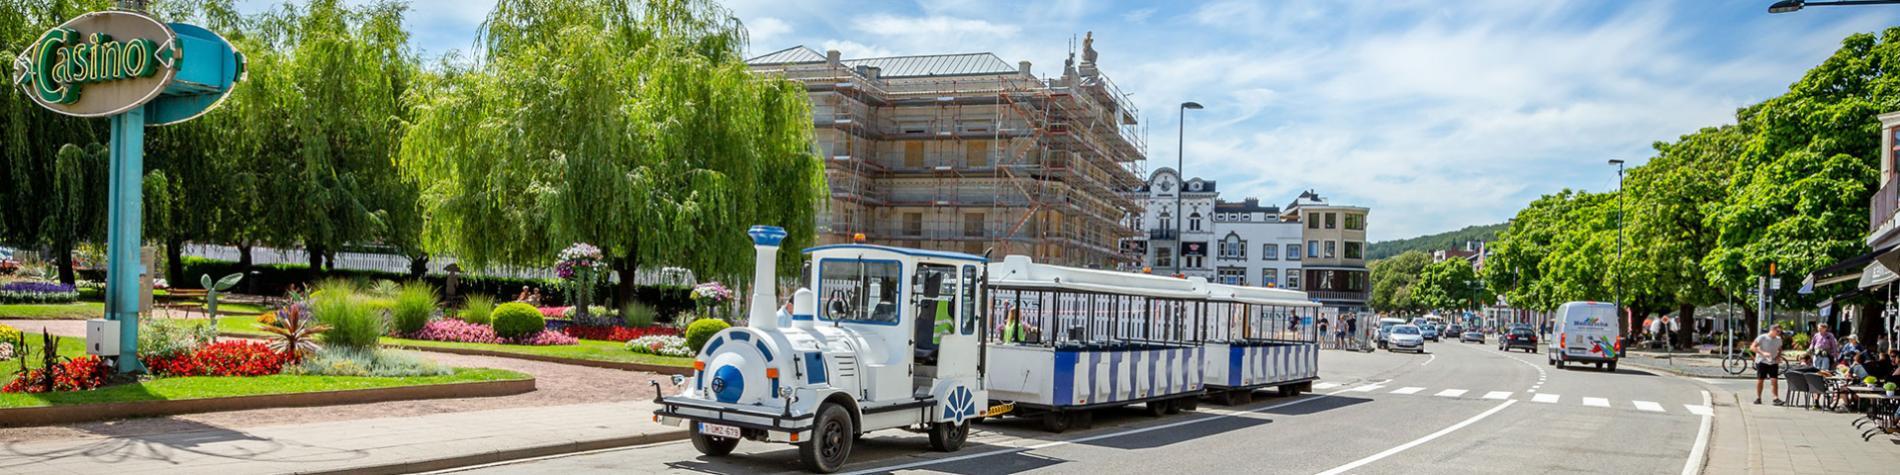 Petit Train - Touristique - Spa